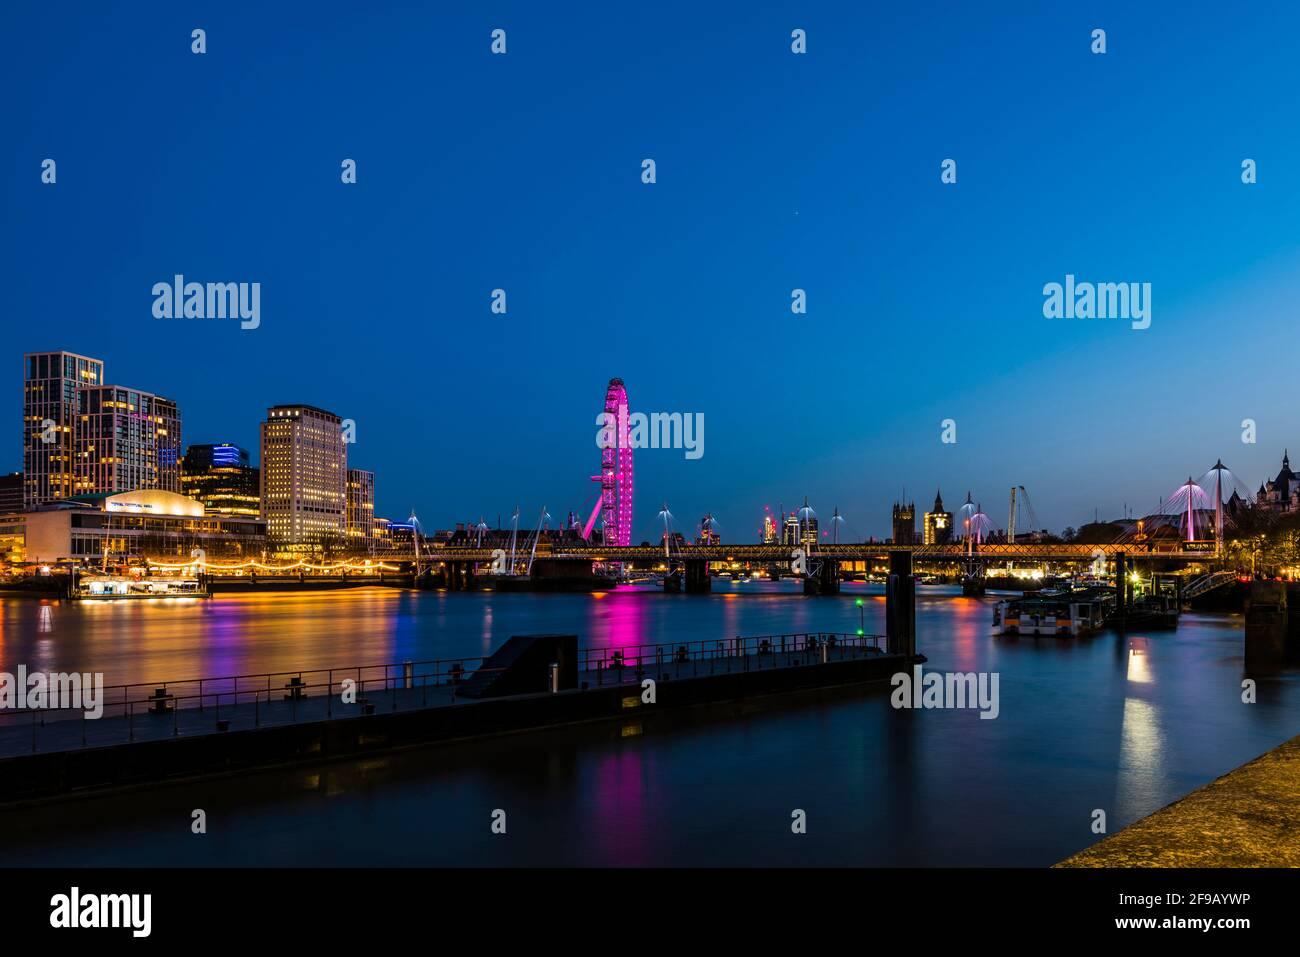 Luces en los puentes Hungerford y Golden Jubilee al atardecer, Londres, Reino Unido Foto de stock